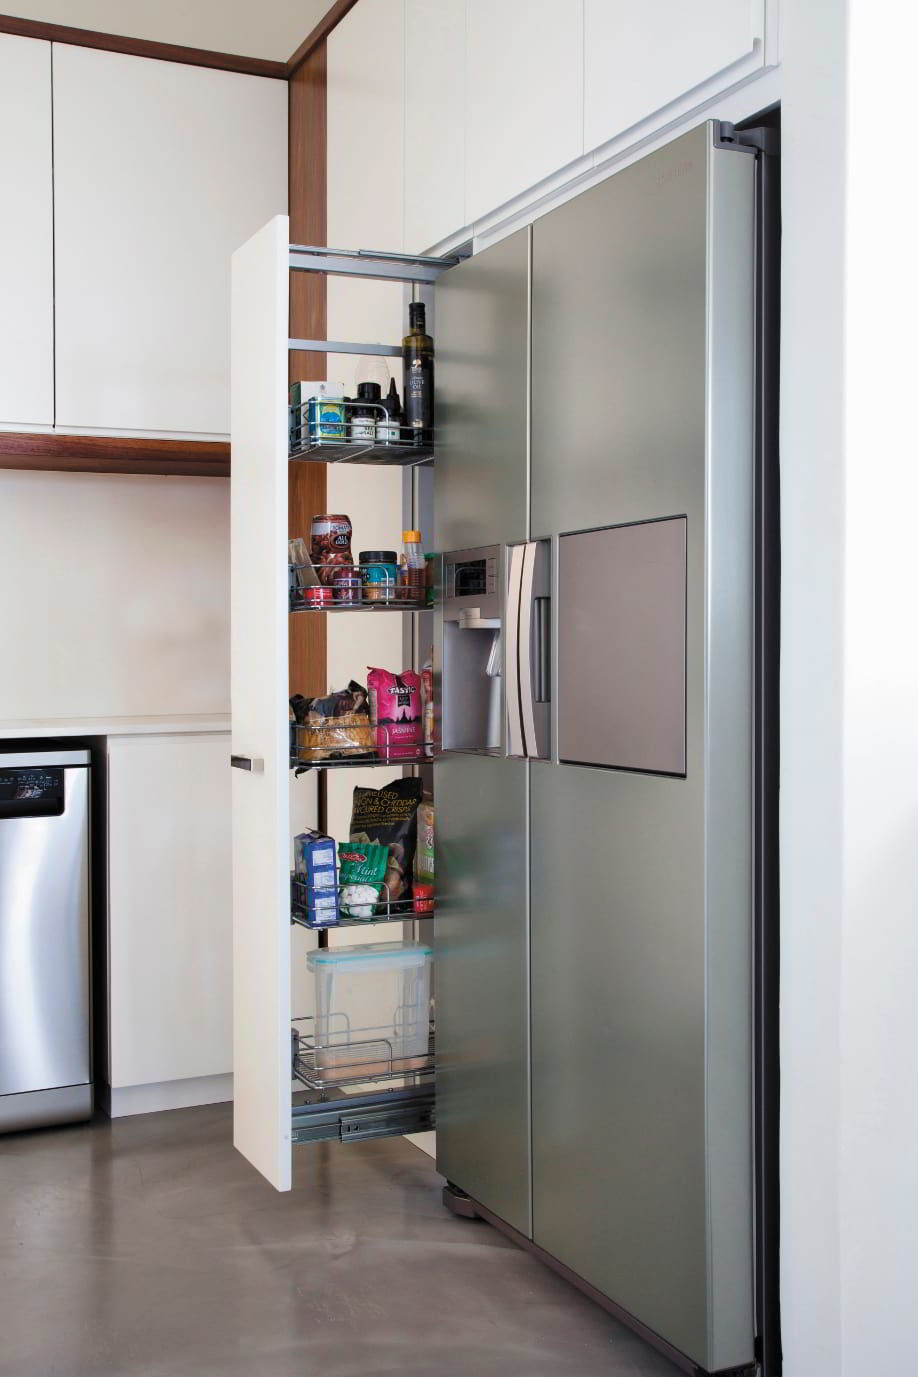 Dalani, Fare spazio in casa, Arredamento, Casa, Fai da te, Cucina, Idee, Spazio